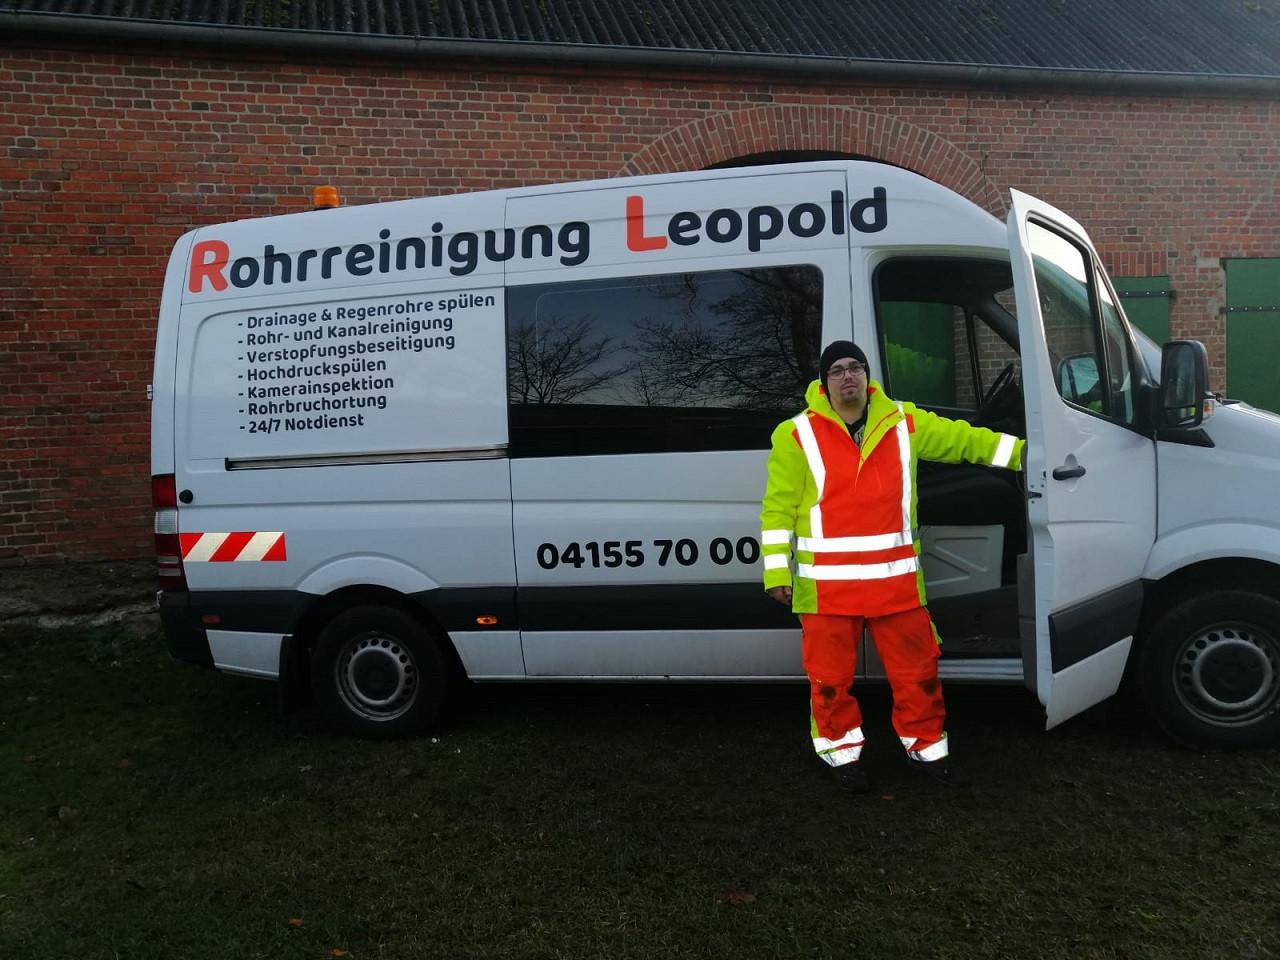 Firmenfahrzeug mit Herrn Leopold.jpeg